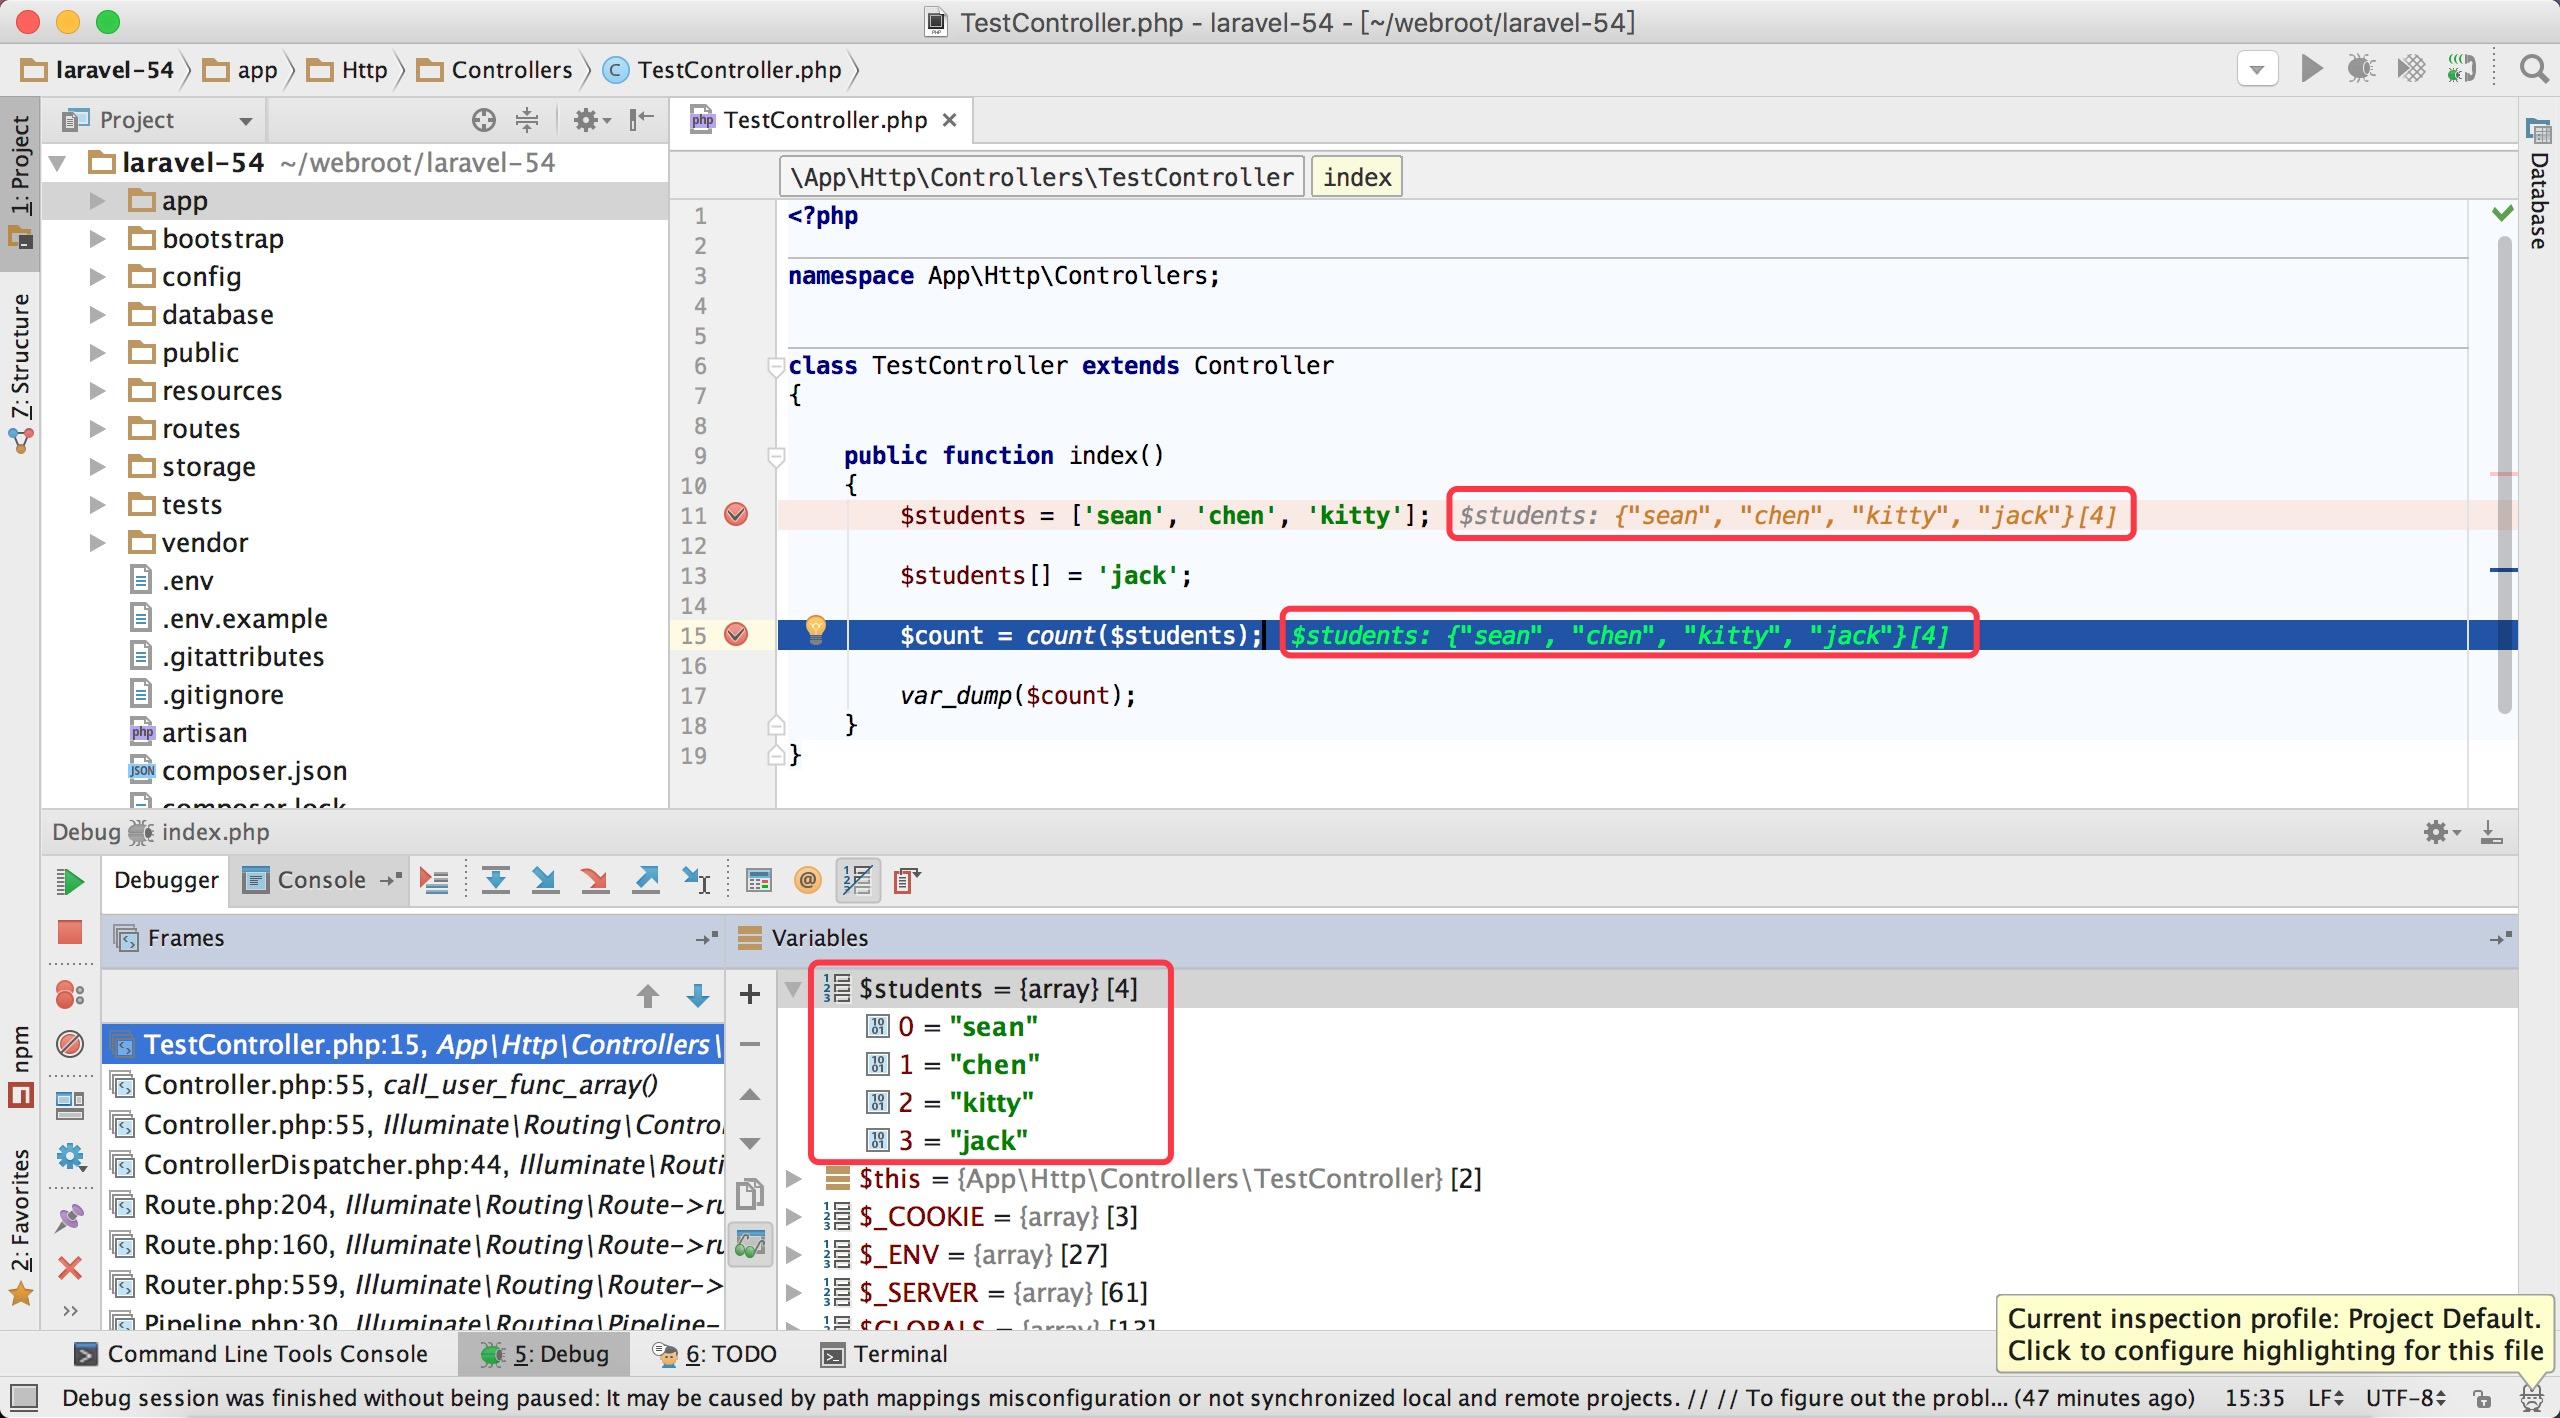 phpstorm-xdebug-result.png